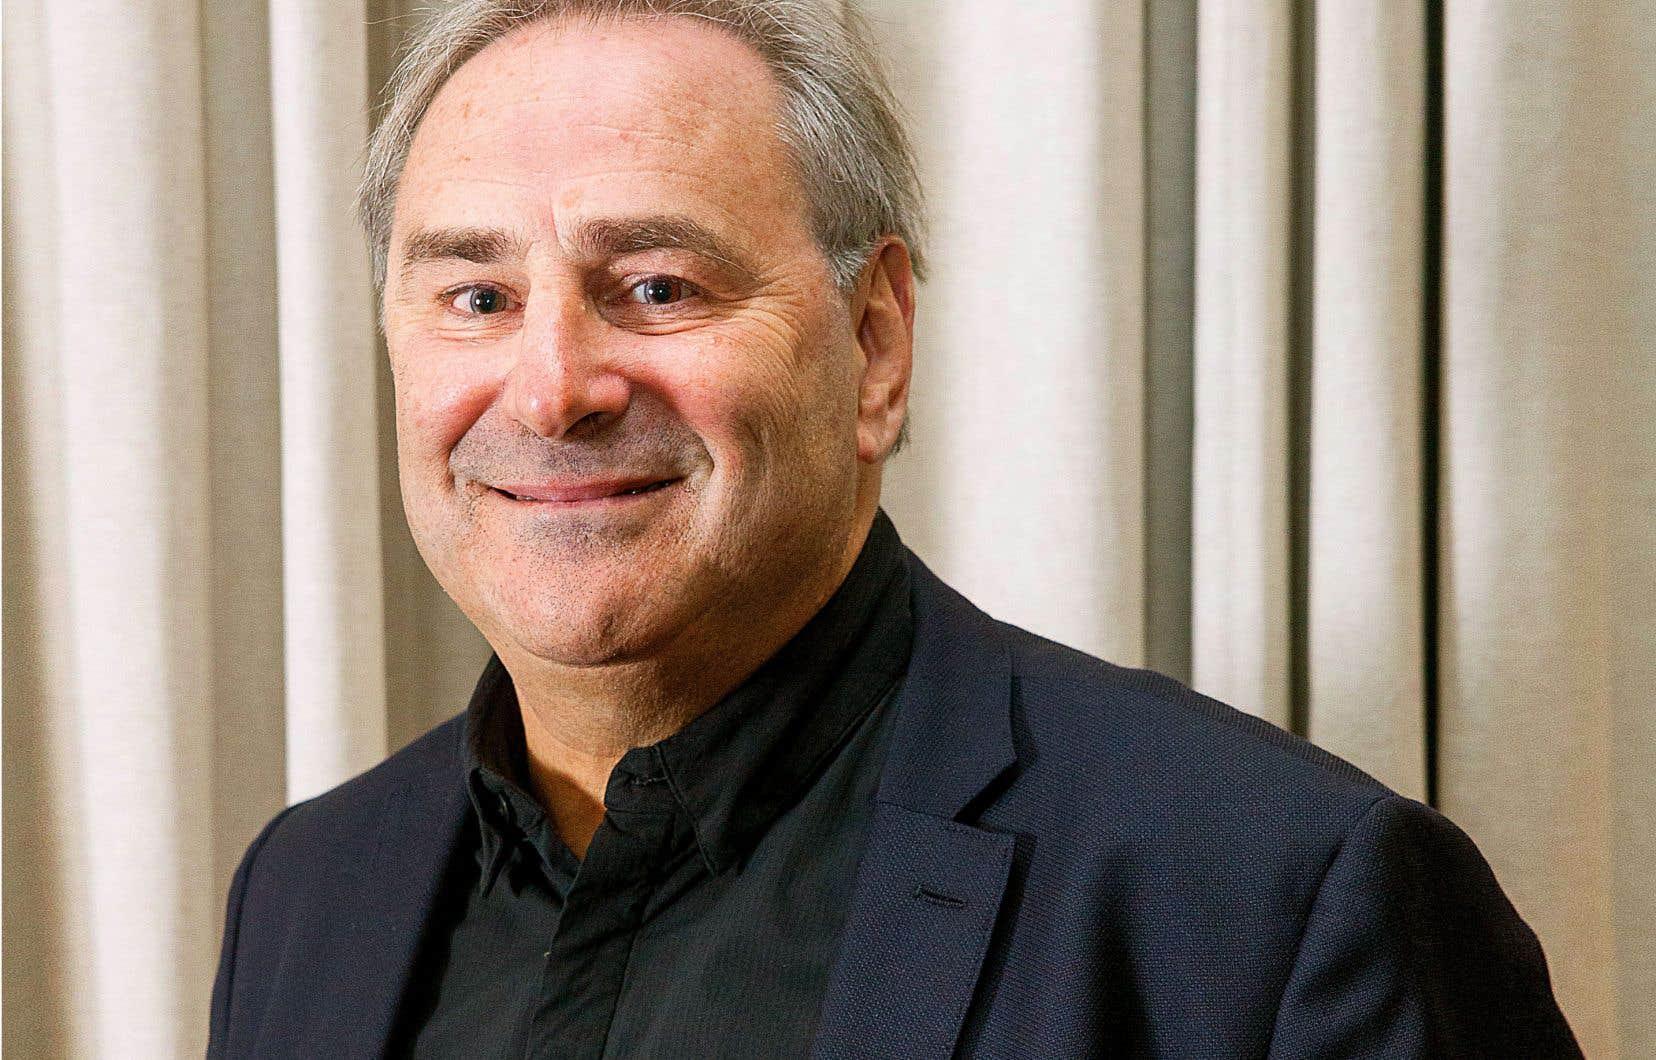 Ancien président de l'ADISQ, Jacques Primeau a aussi été président et vice-président du conseil du Partenariat du Quartier des spectacles (PQDS).